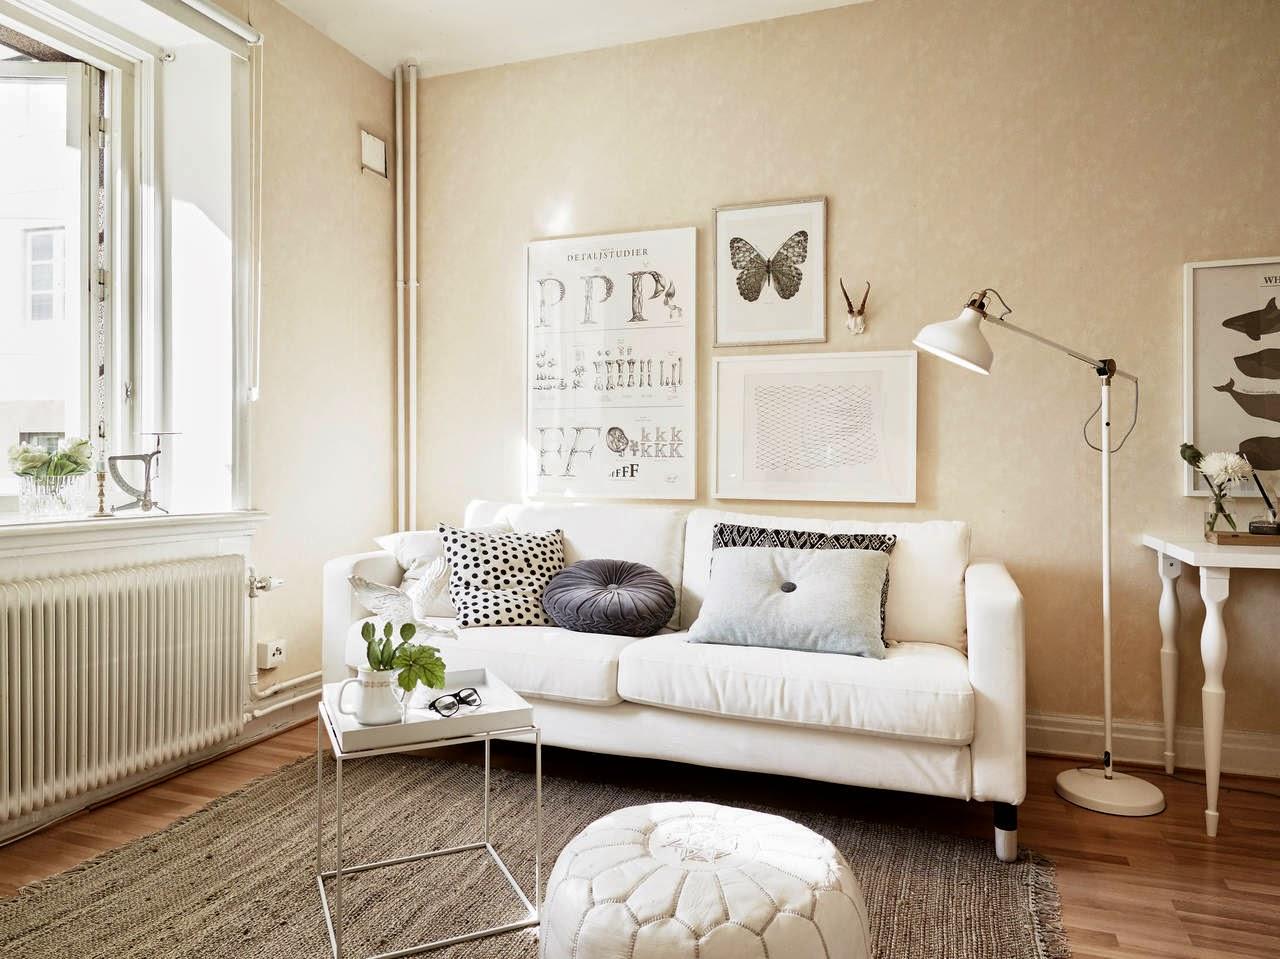 Nordic Room Decor